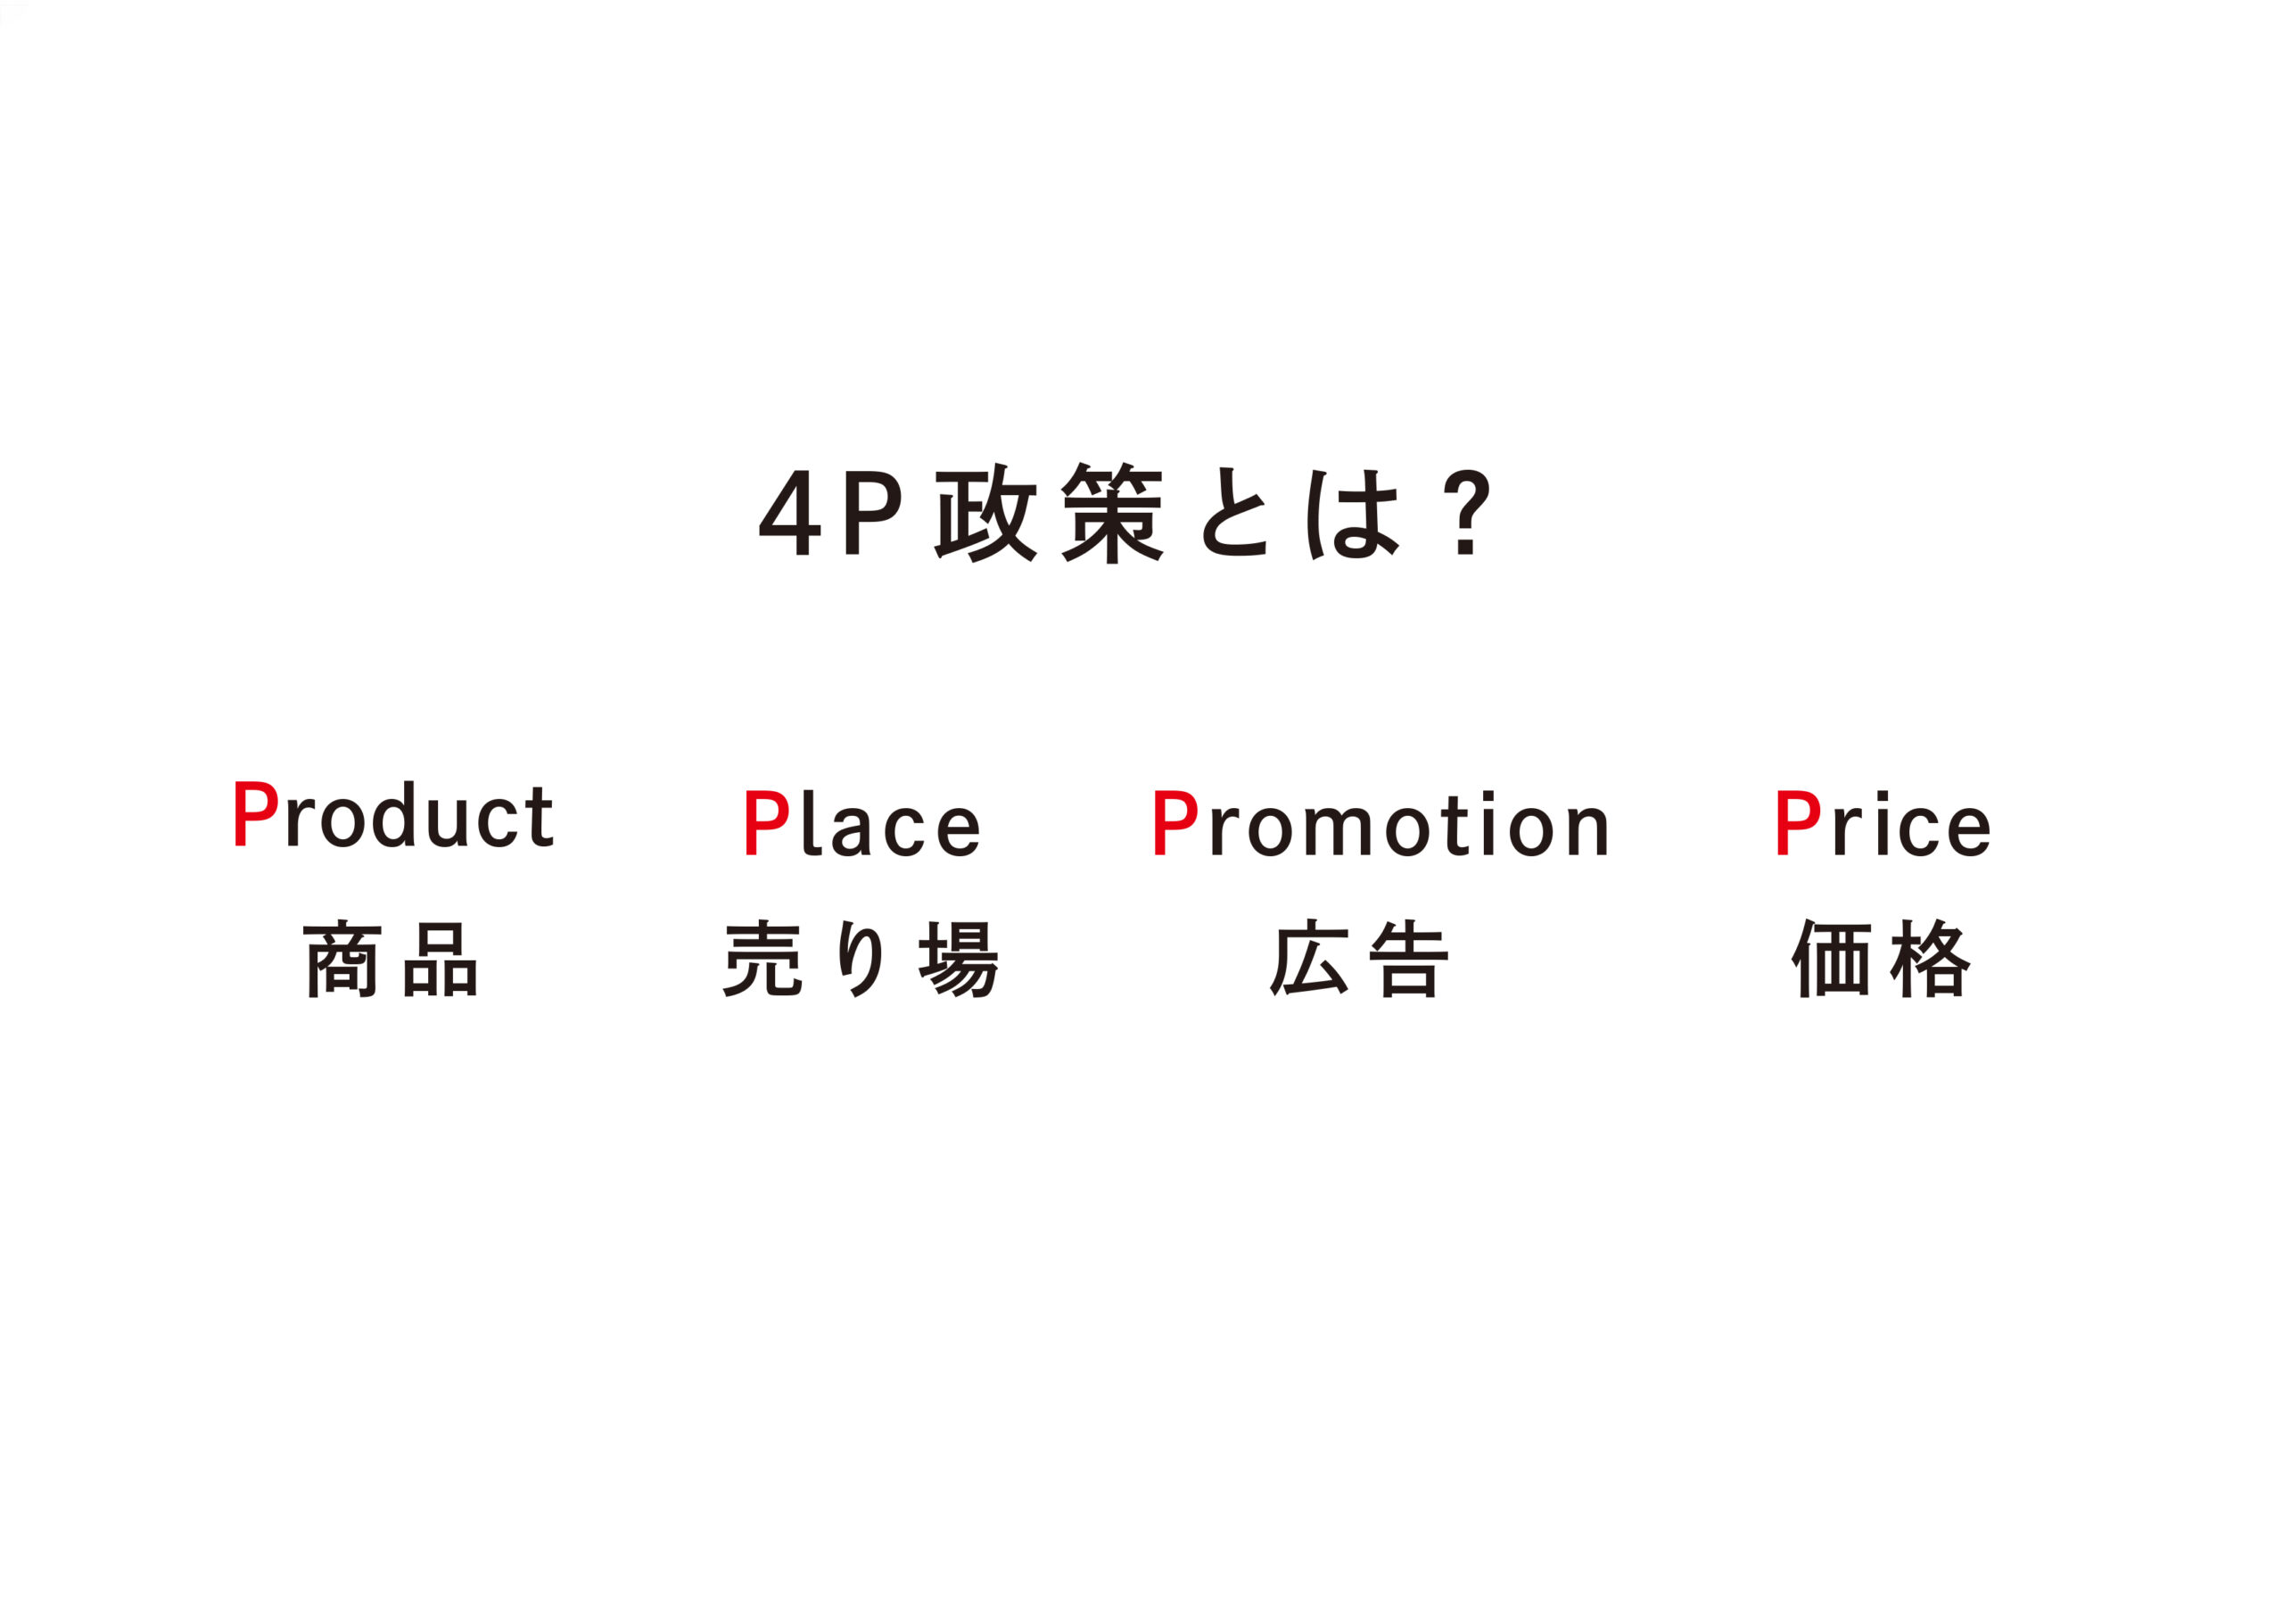 ブランディングとマーケティング 4P政策